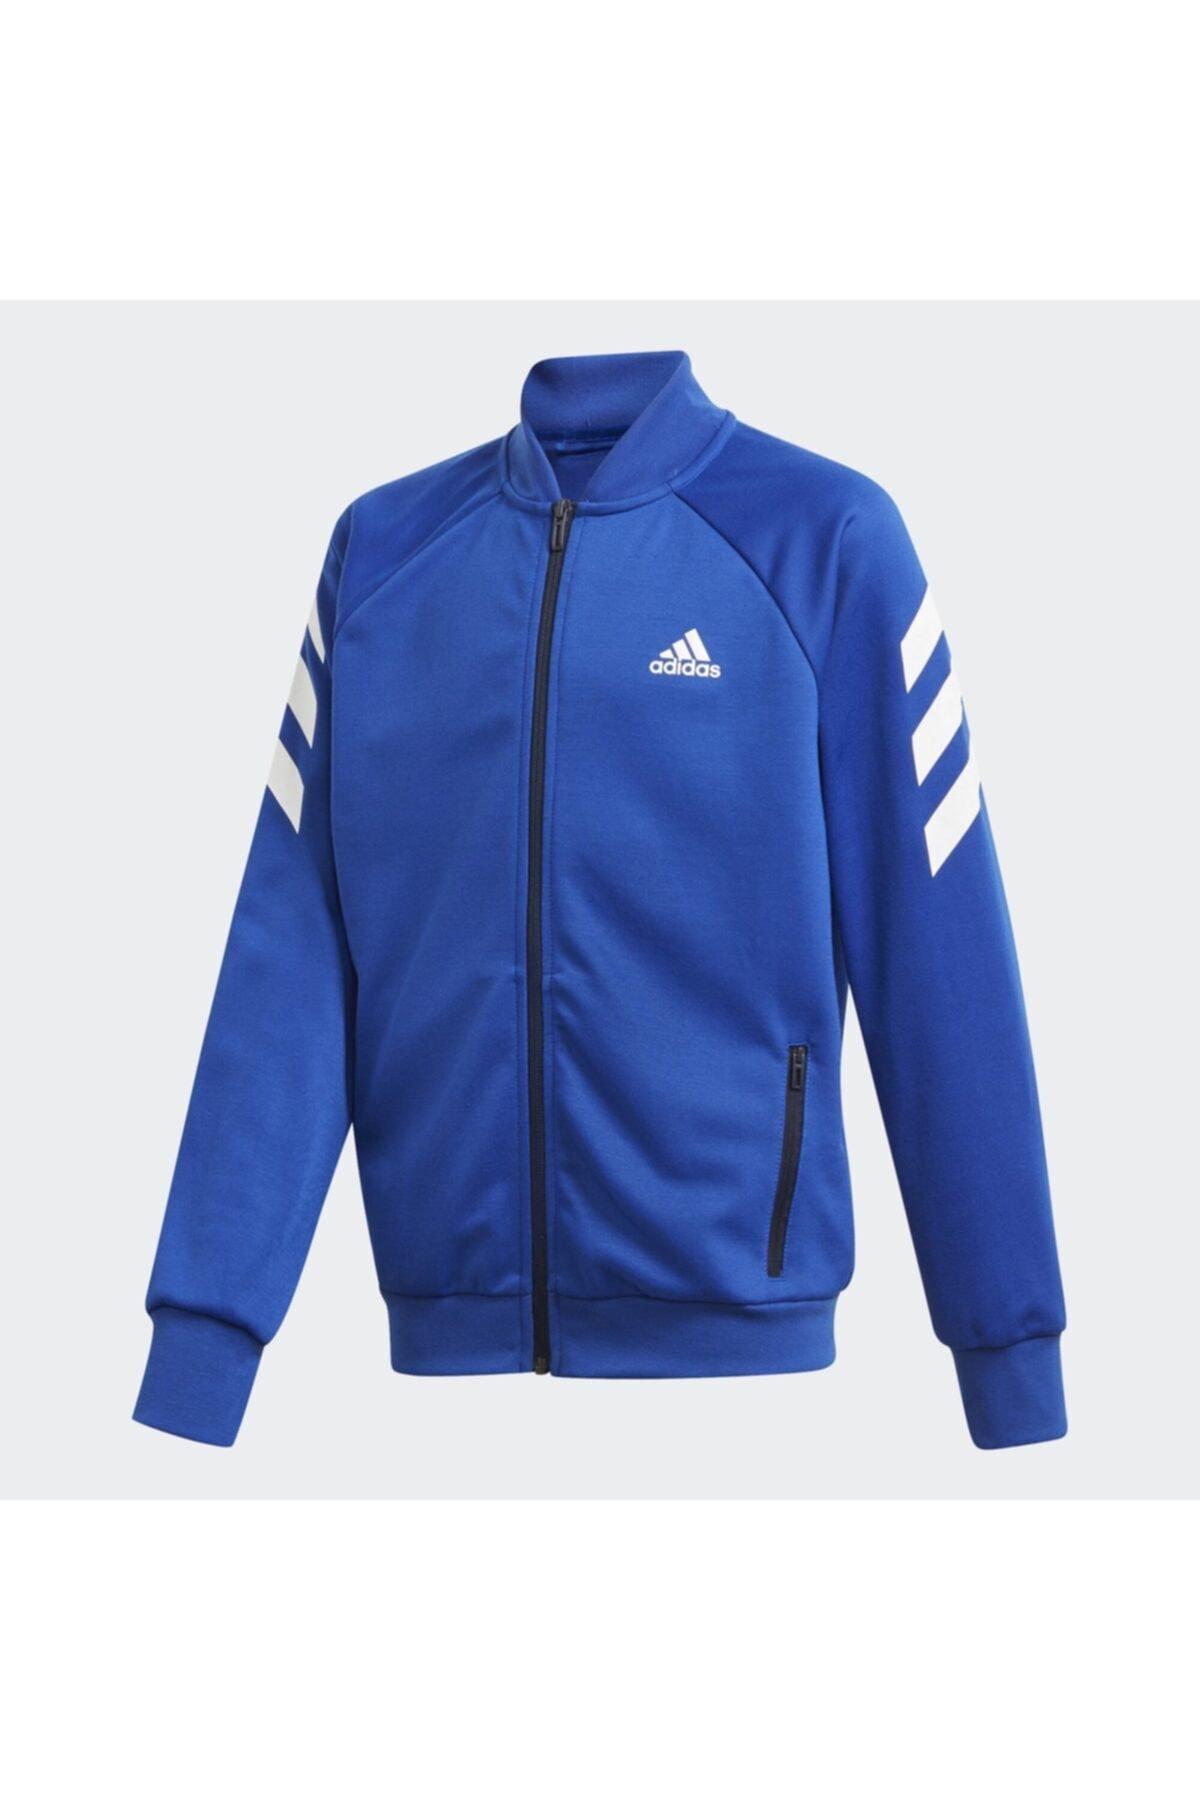 adidas Erkek Çocuk Mavi Xfg Track Suit Eşofman Takımı (ge0719) 2